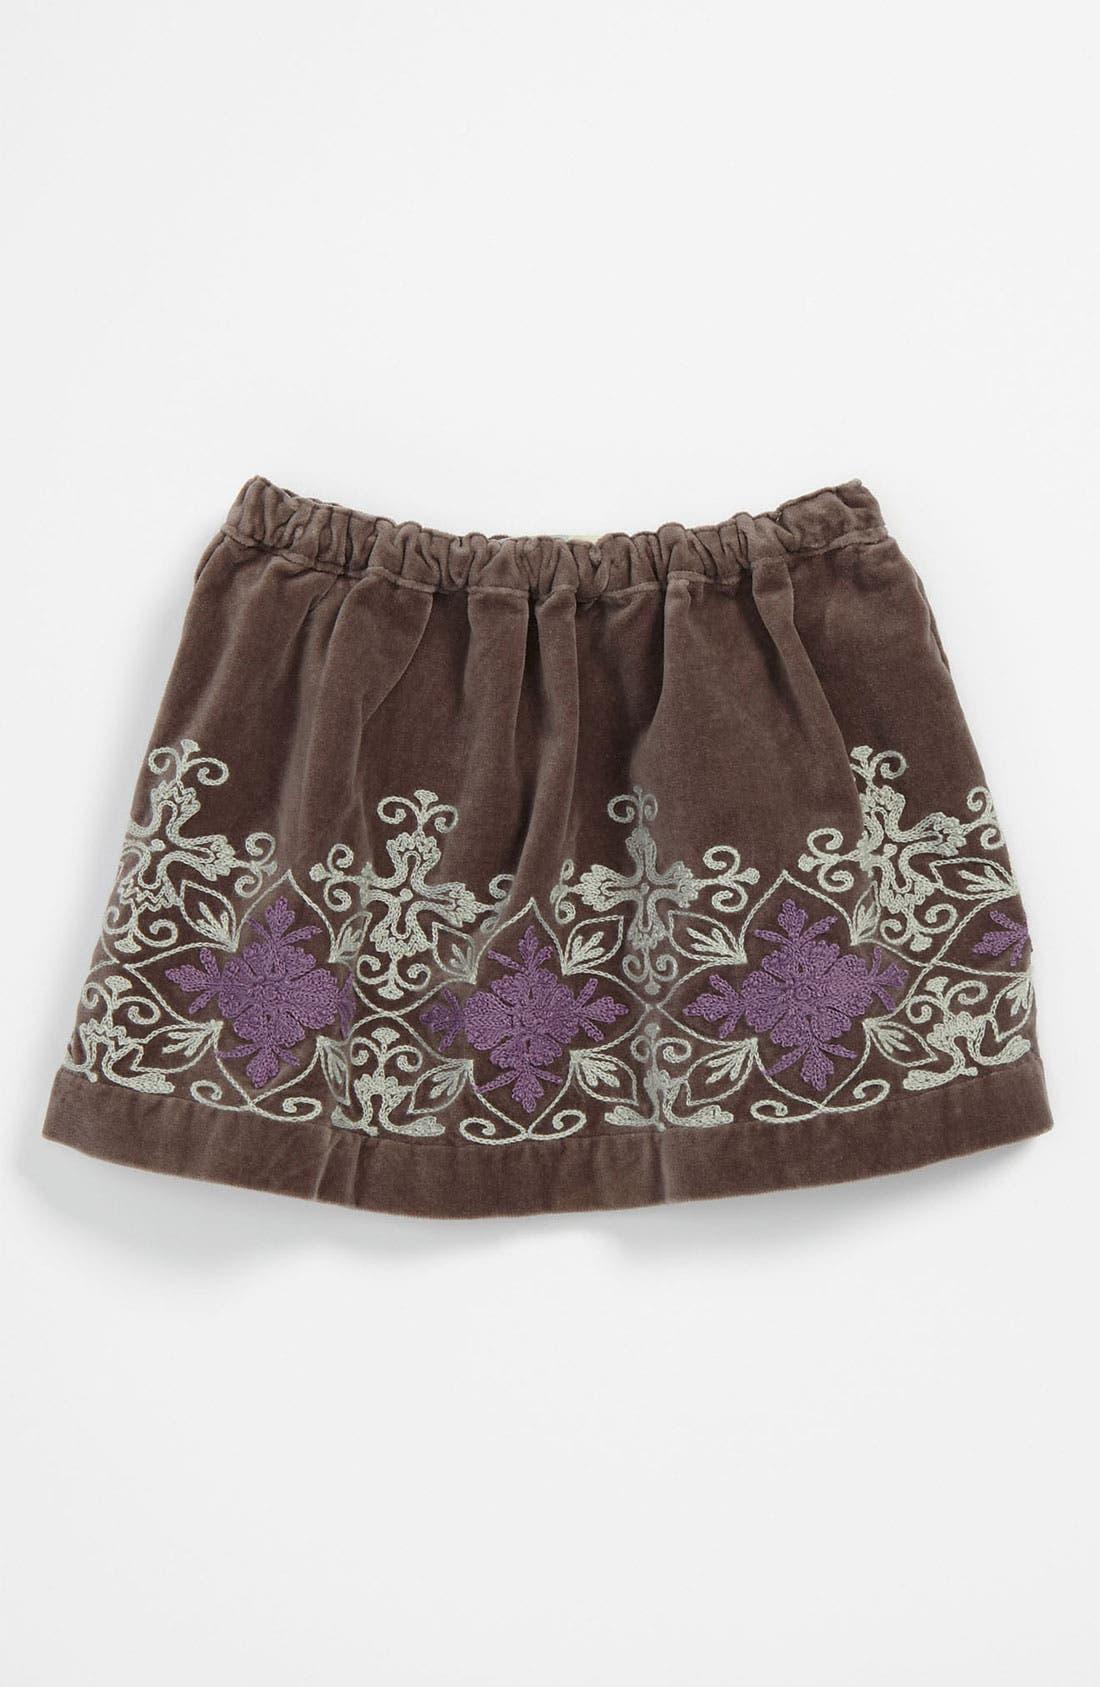 Alternate Image 1 Selected - Peek 'Frida' Embroidered Velvet Skirt (Infant)